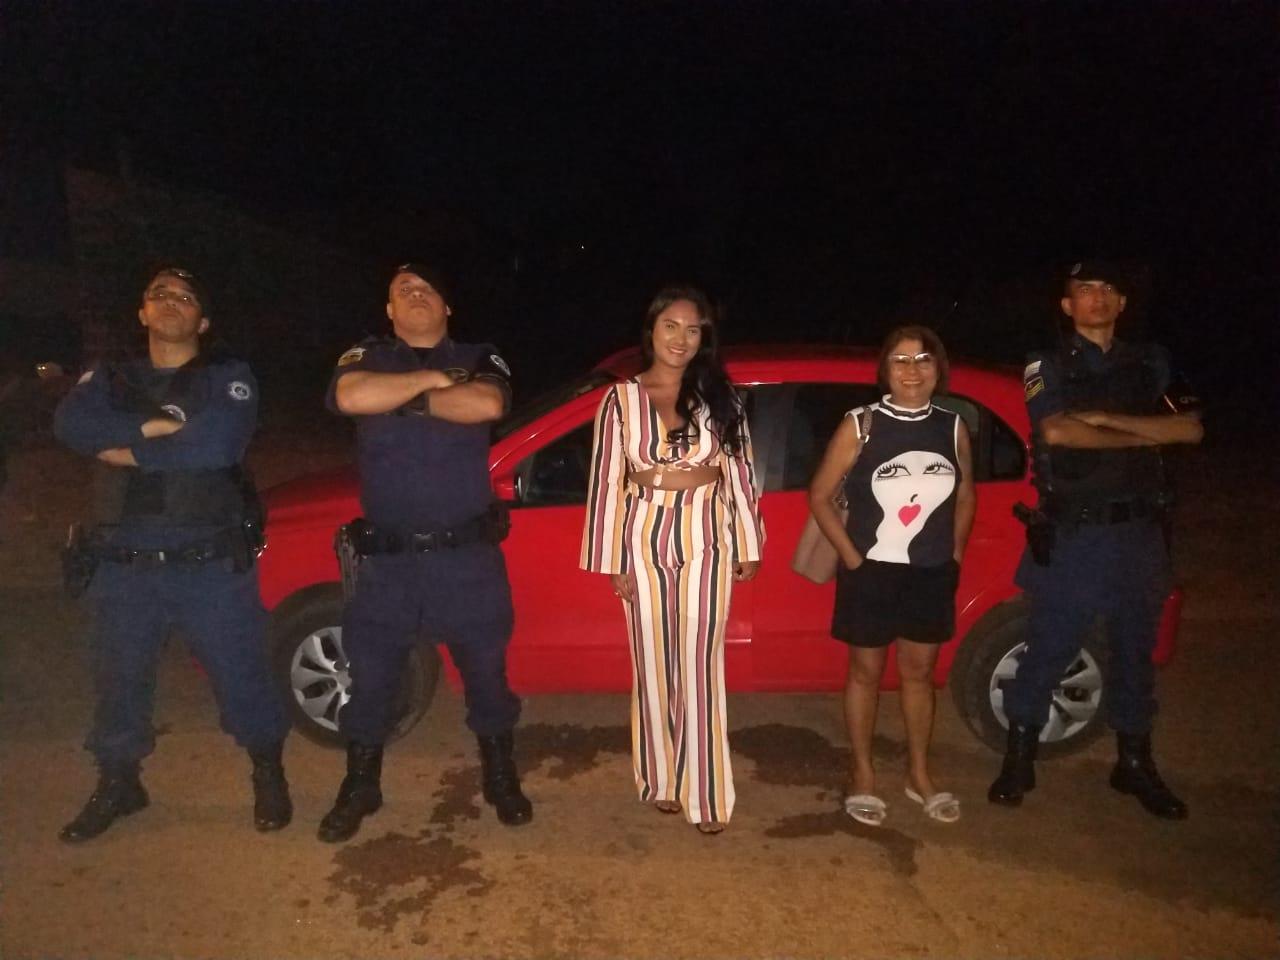 Guarda Metropolitana localiza veículo roubado e cumpre mandado de prisão durante o final de semana na Capital